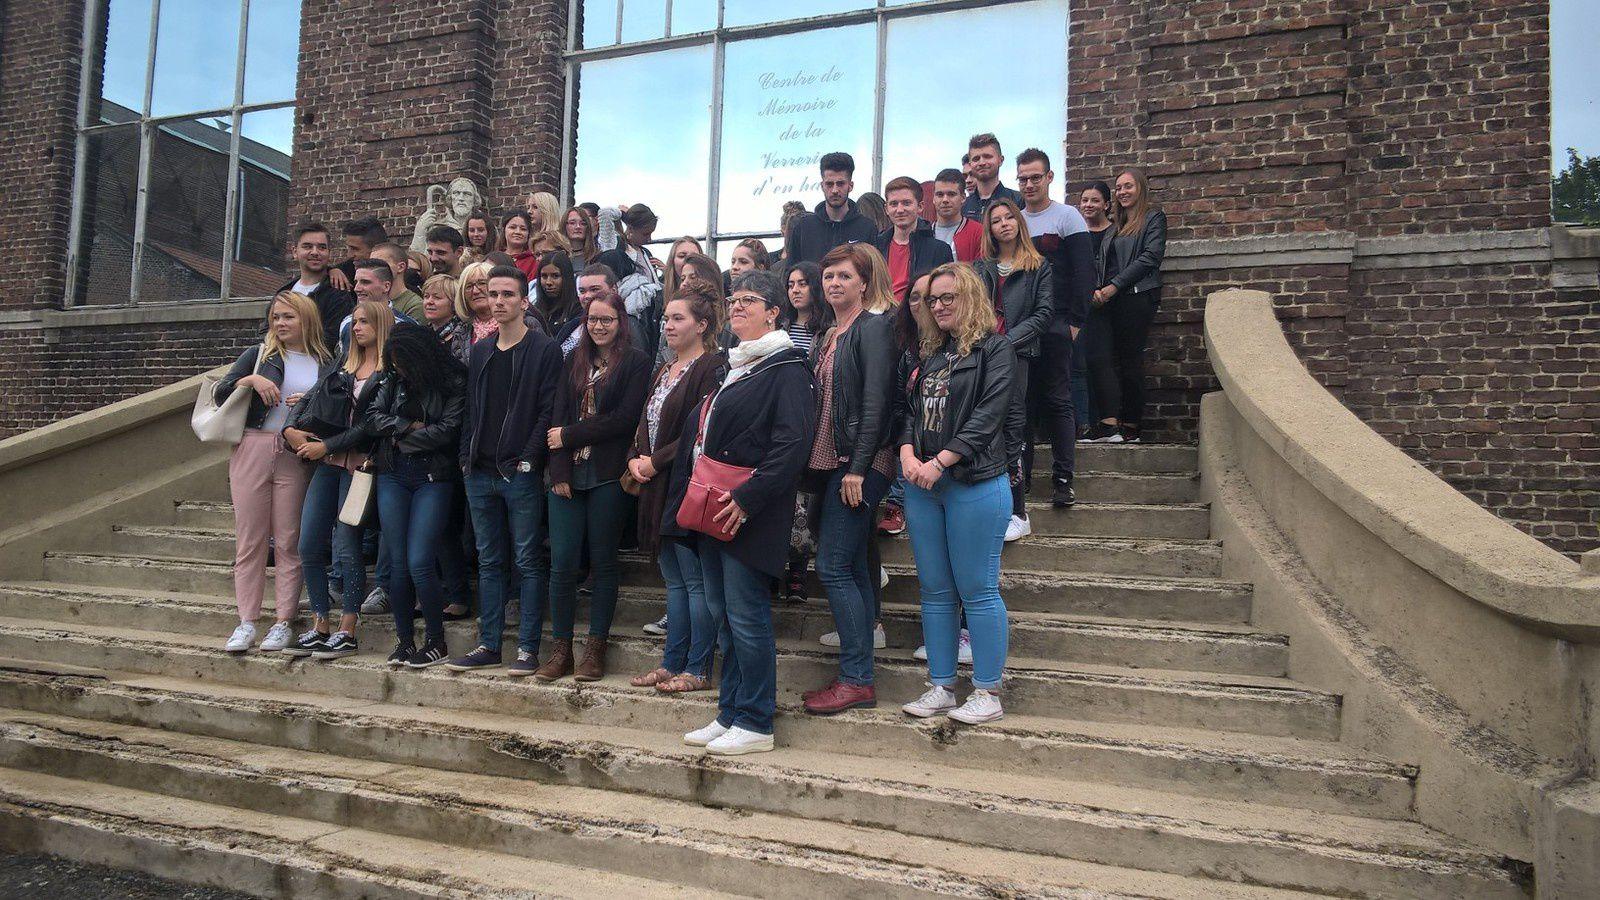 Nous avons reçu ce jour à la demande de Mme Annick BARBET, professeur, 54 élèves de 1ère et 2ème année de BTS et 5 professeurs du Lycée Pasteur de Somain. Cette visite a duré 2H30 , merci aux élèves pour leur intérêt et aux enseignantes.